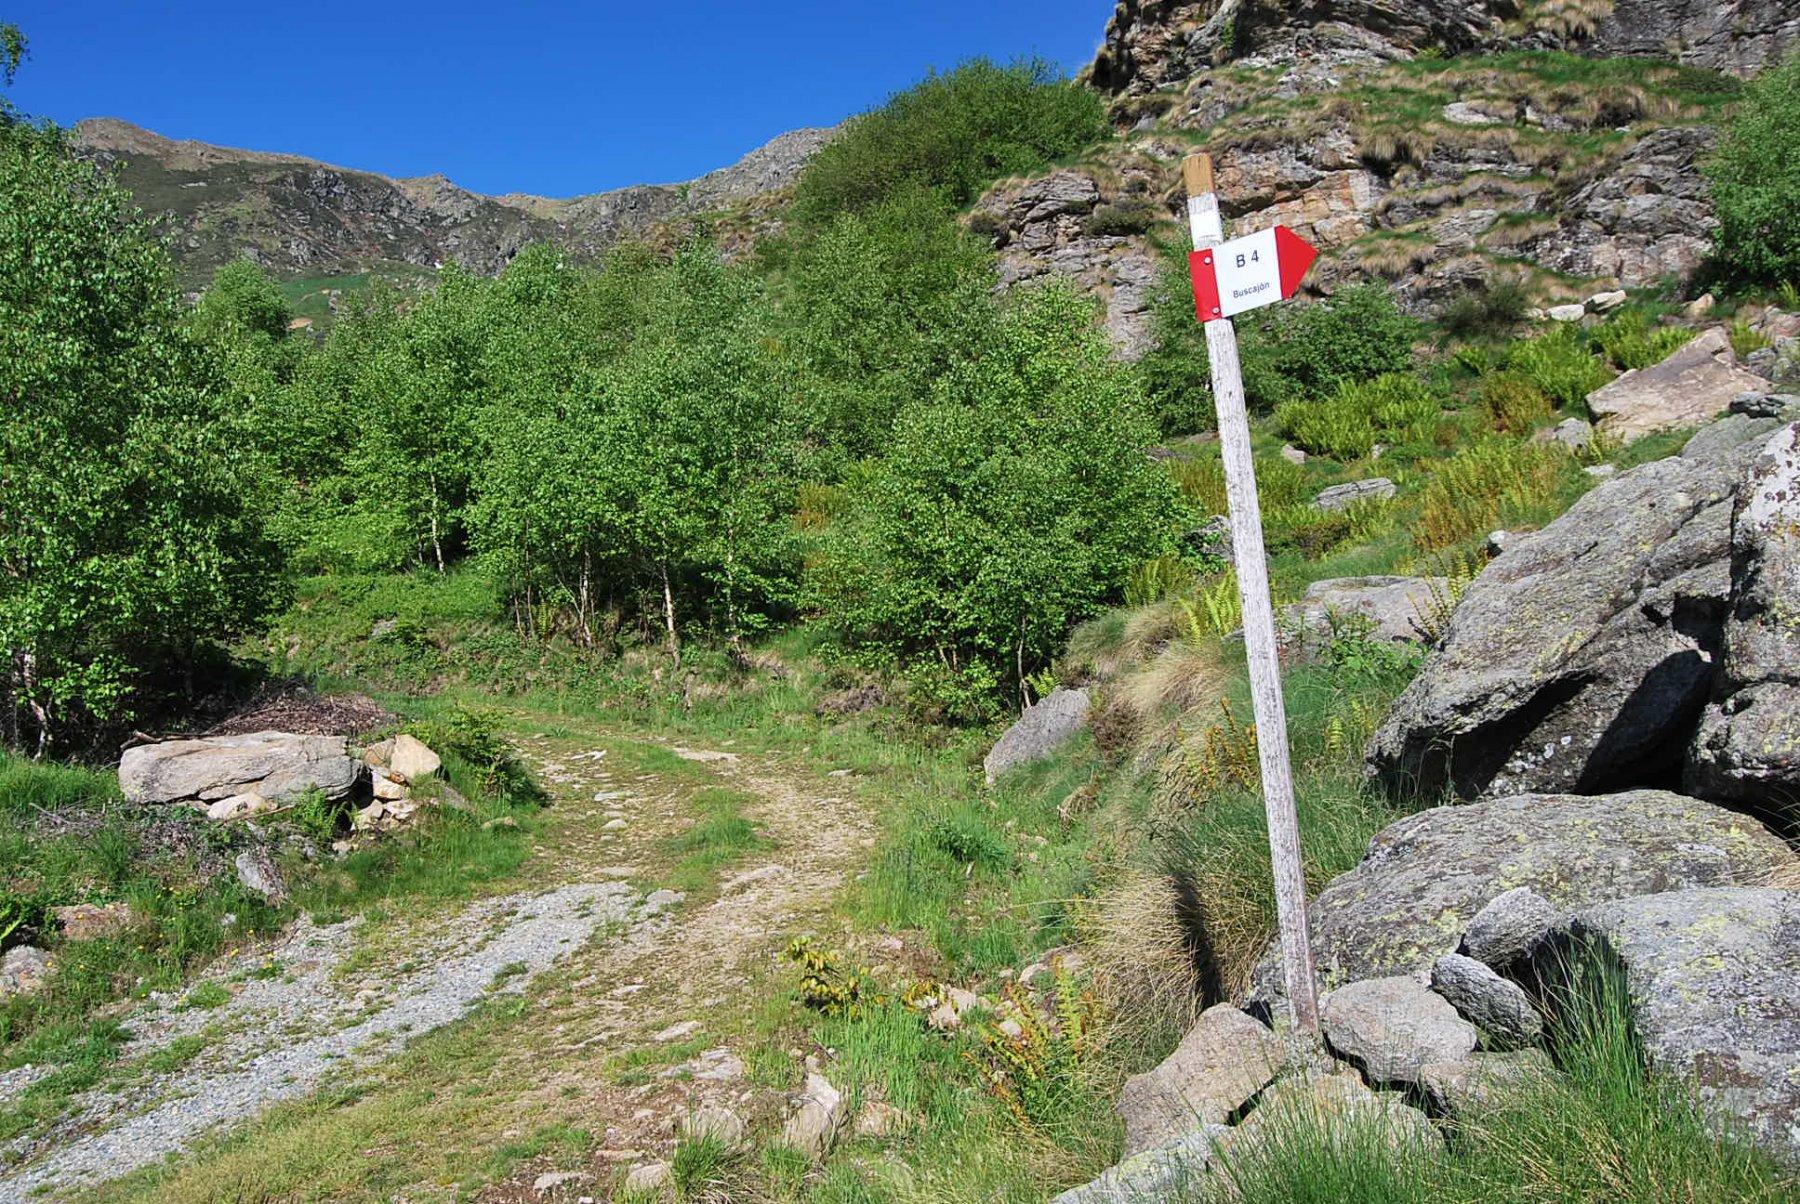 Stacco del B4 dalla sterrata, destra salendo: scorciatoia che porta a Steveglio ma che l'erba nasconde